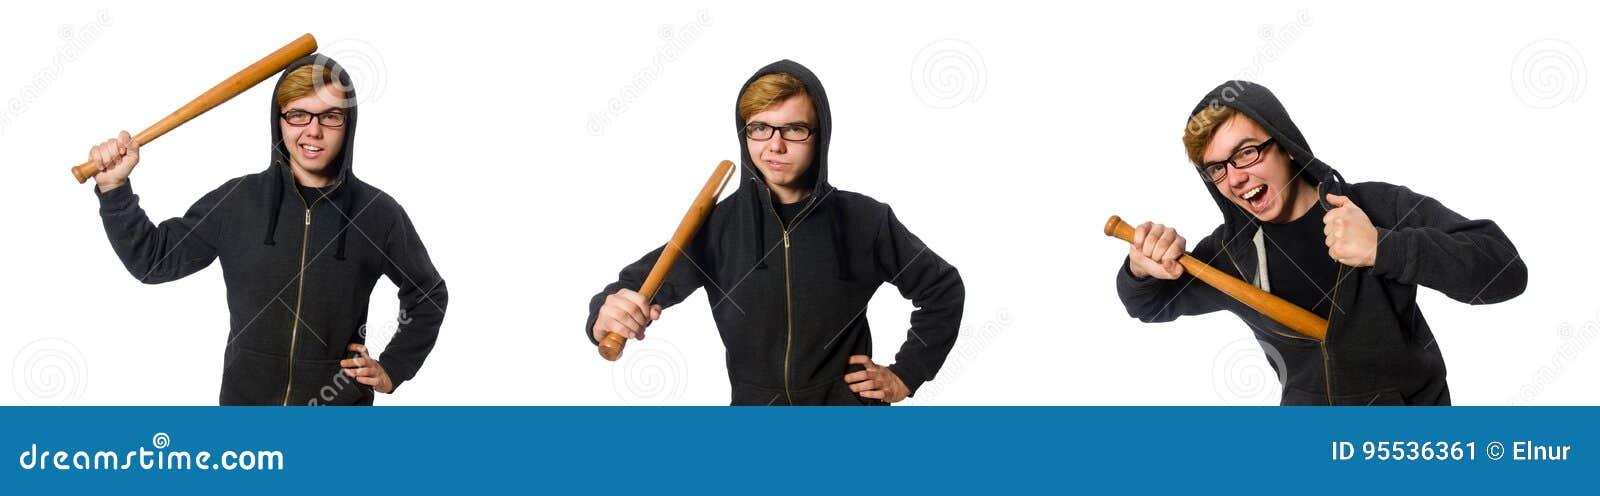 L uomo aggressivo con la mazza da baseball isolata su bianco